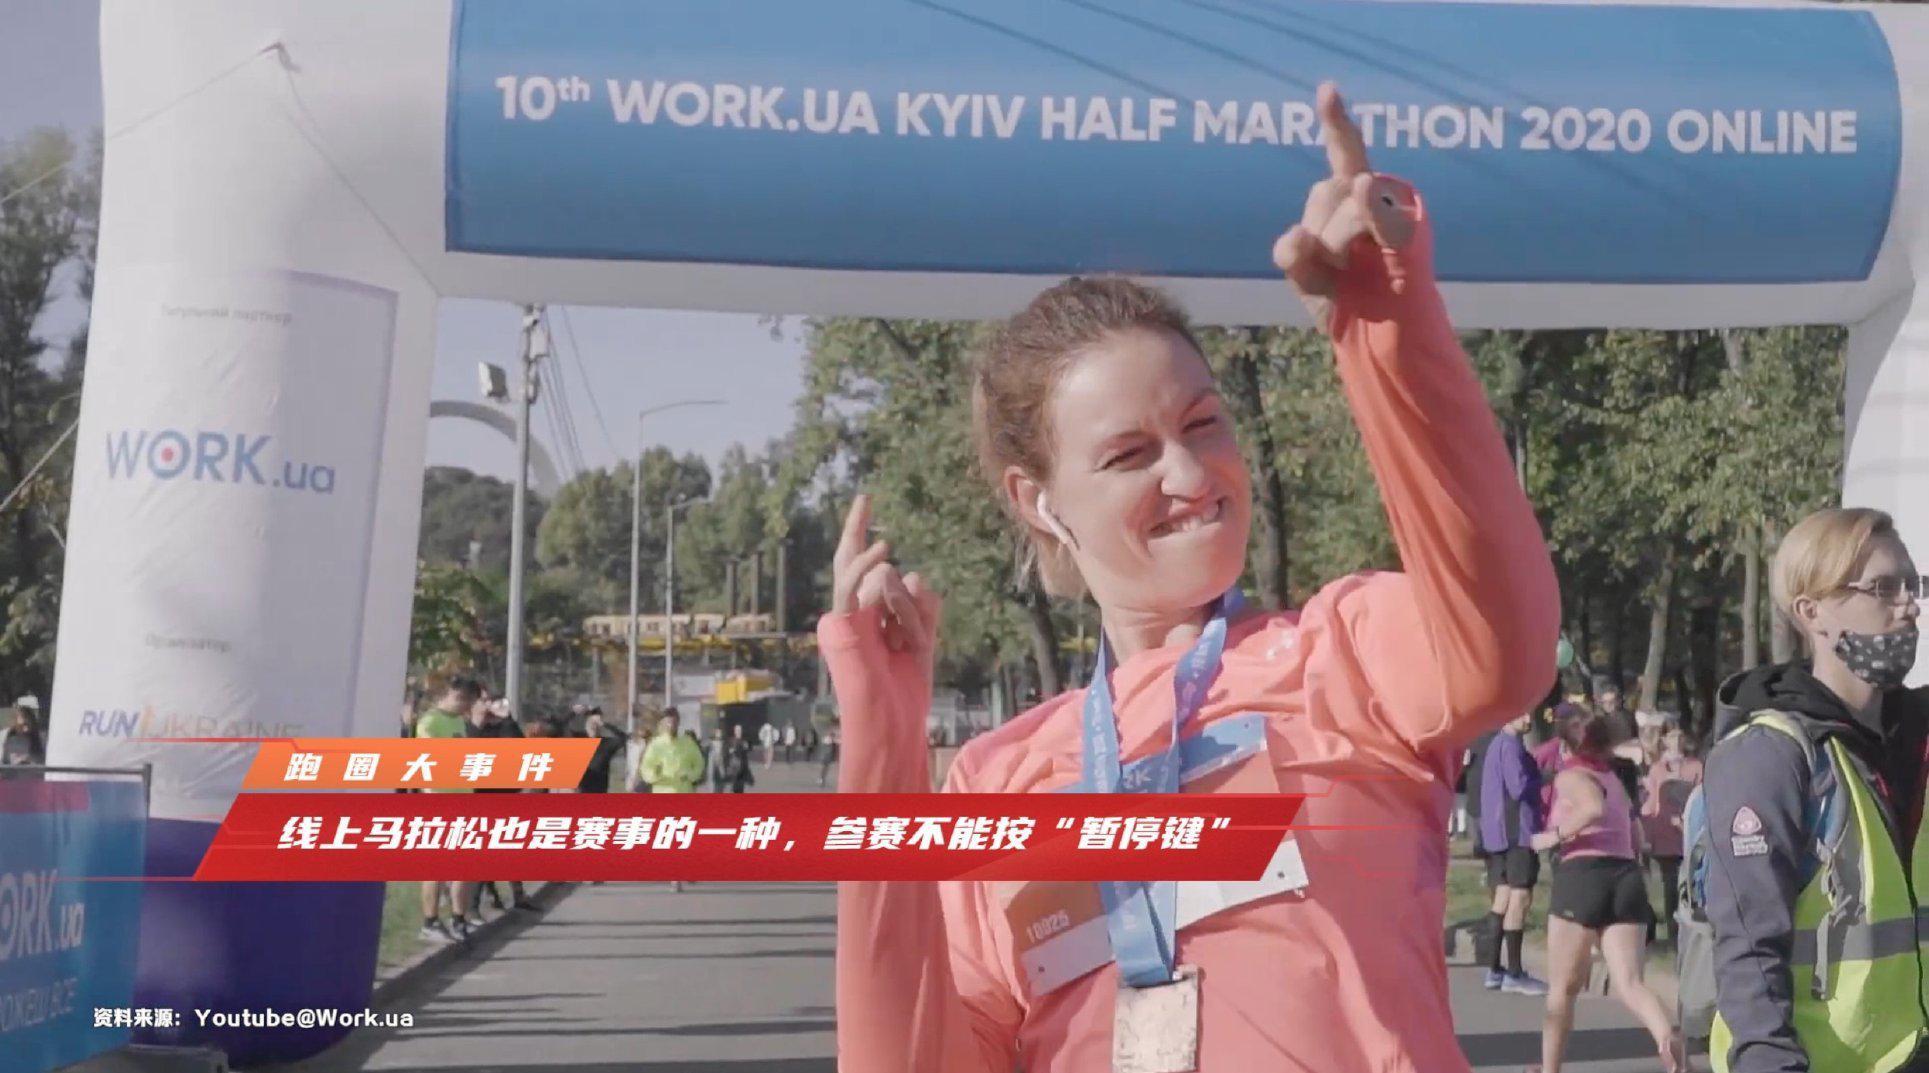 跑线上马拉松,你会在比赛中暂停手表自欺欺人吗?